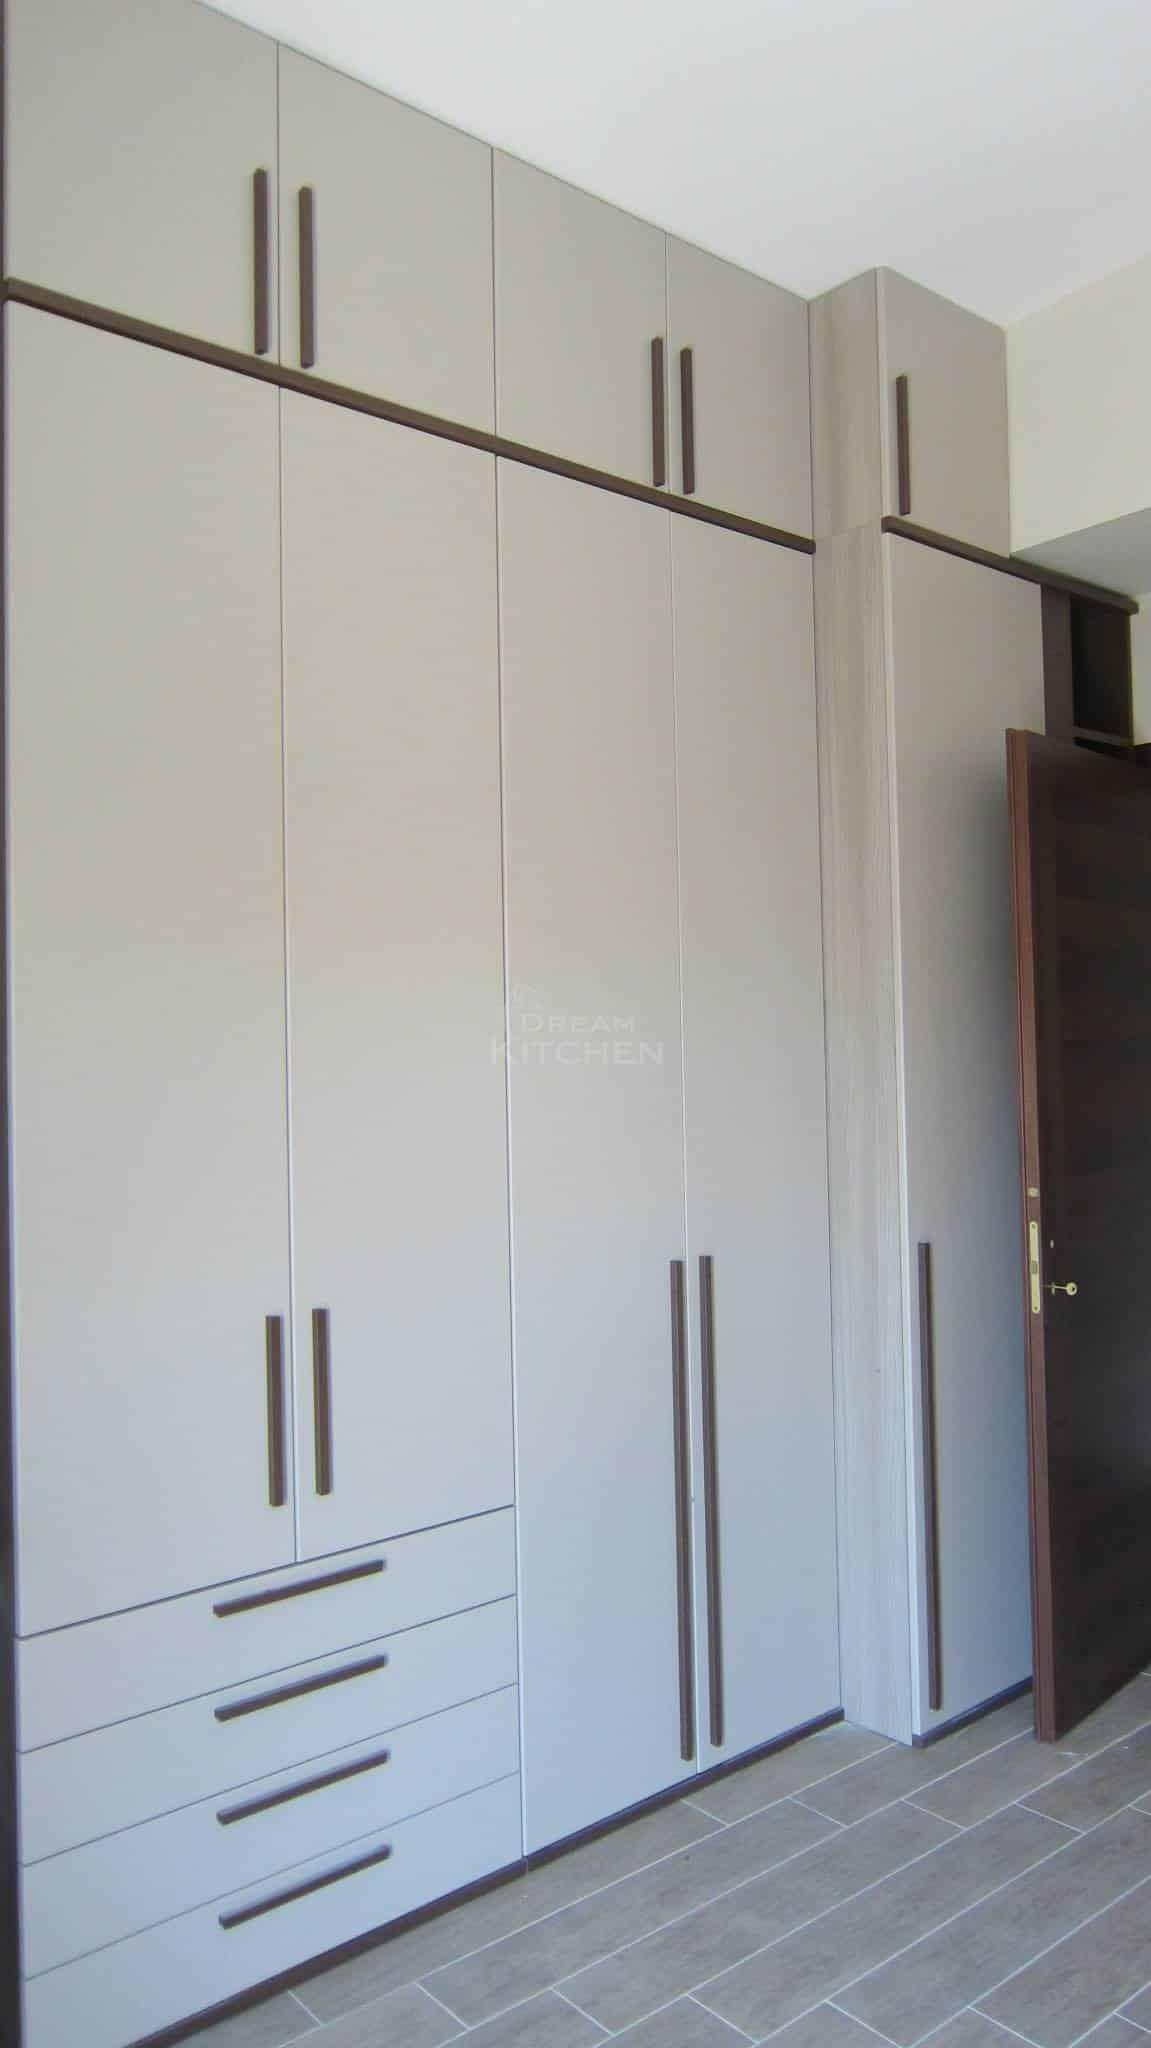 Πλήρης επίπλωση κατοικίας ντουλαπα βακελιτη 2